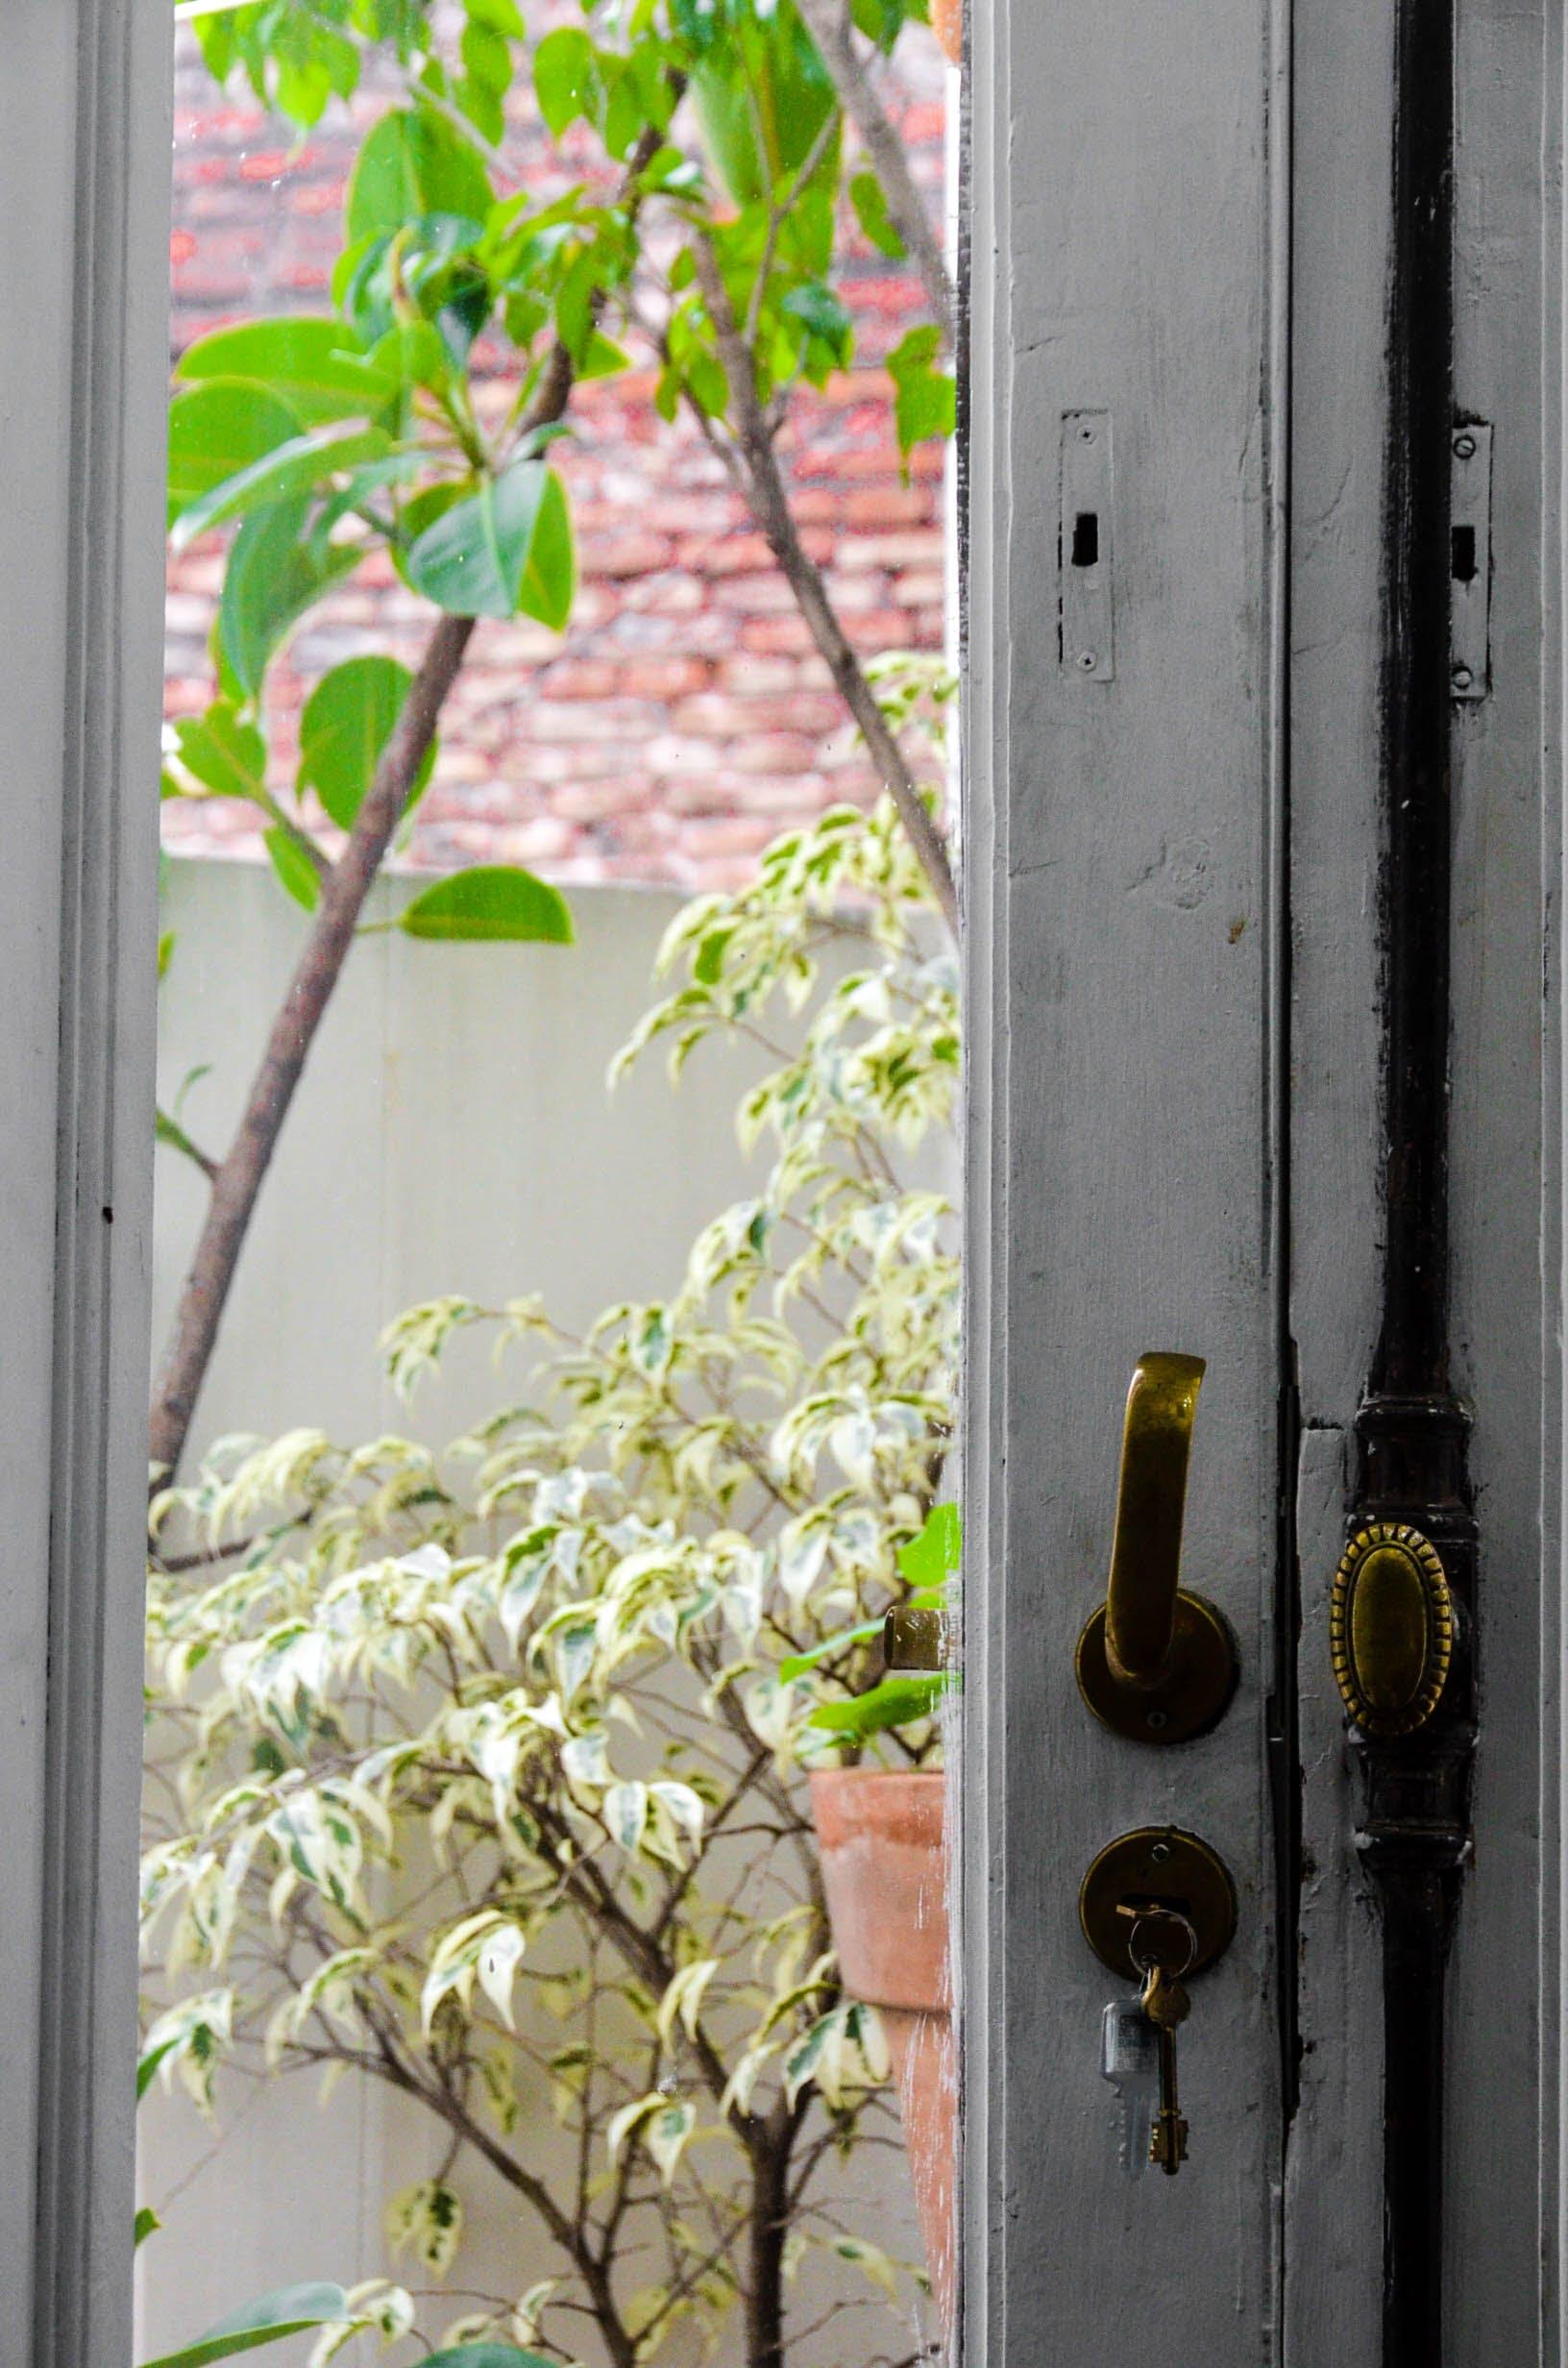 Free stock photo of door, patio, plant